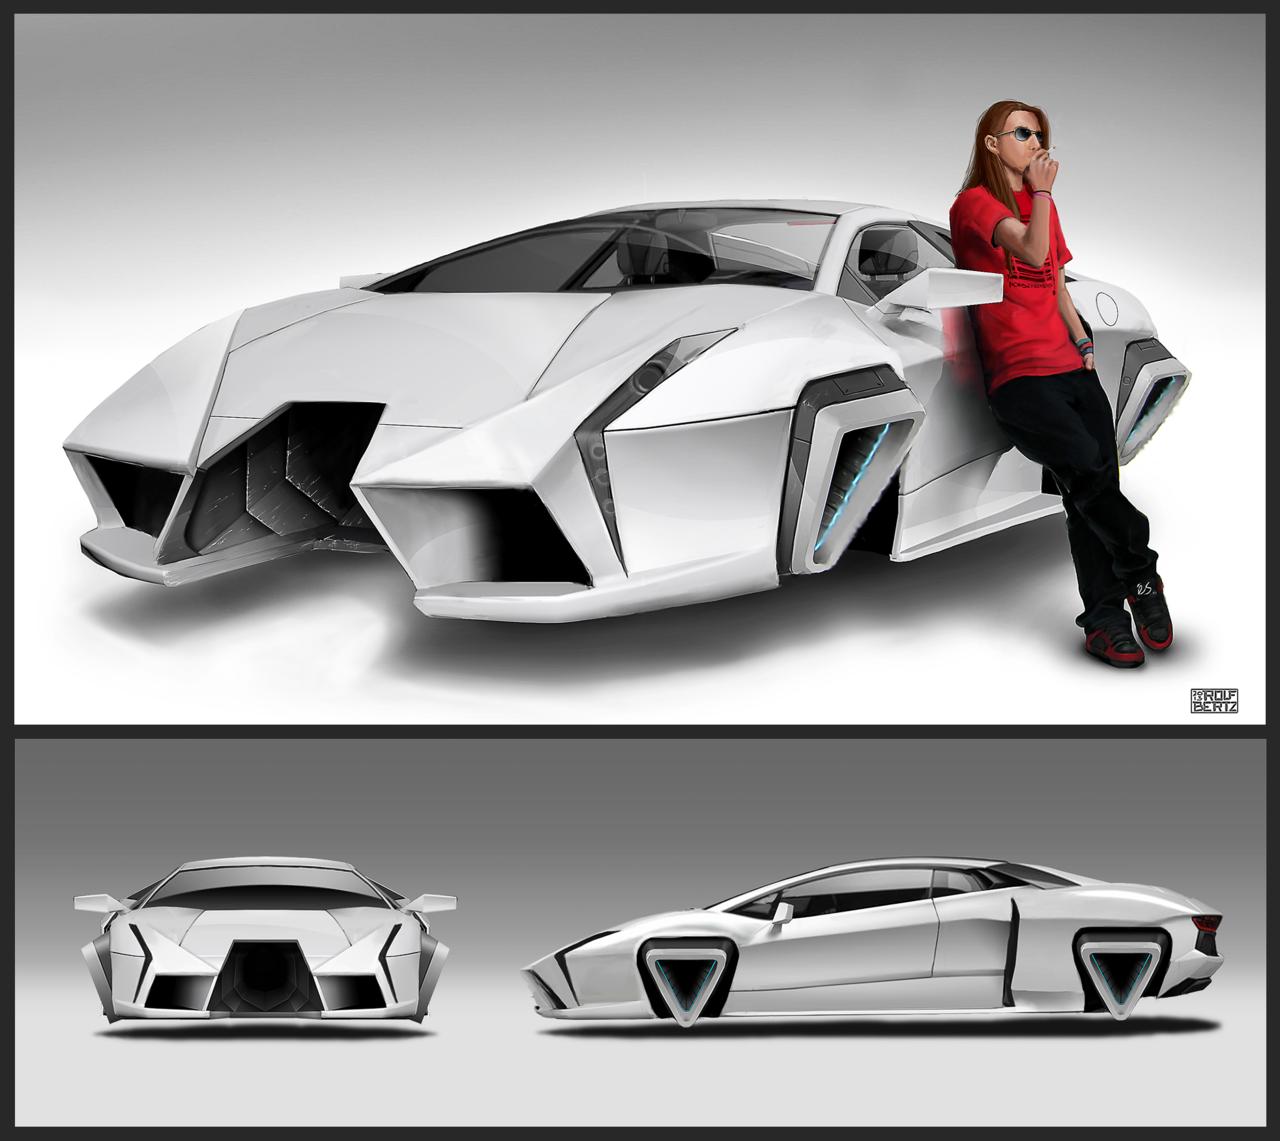 Resultado de imagen para flying car concept art